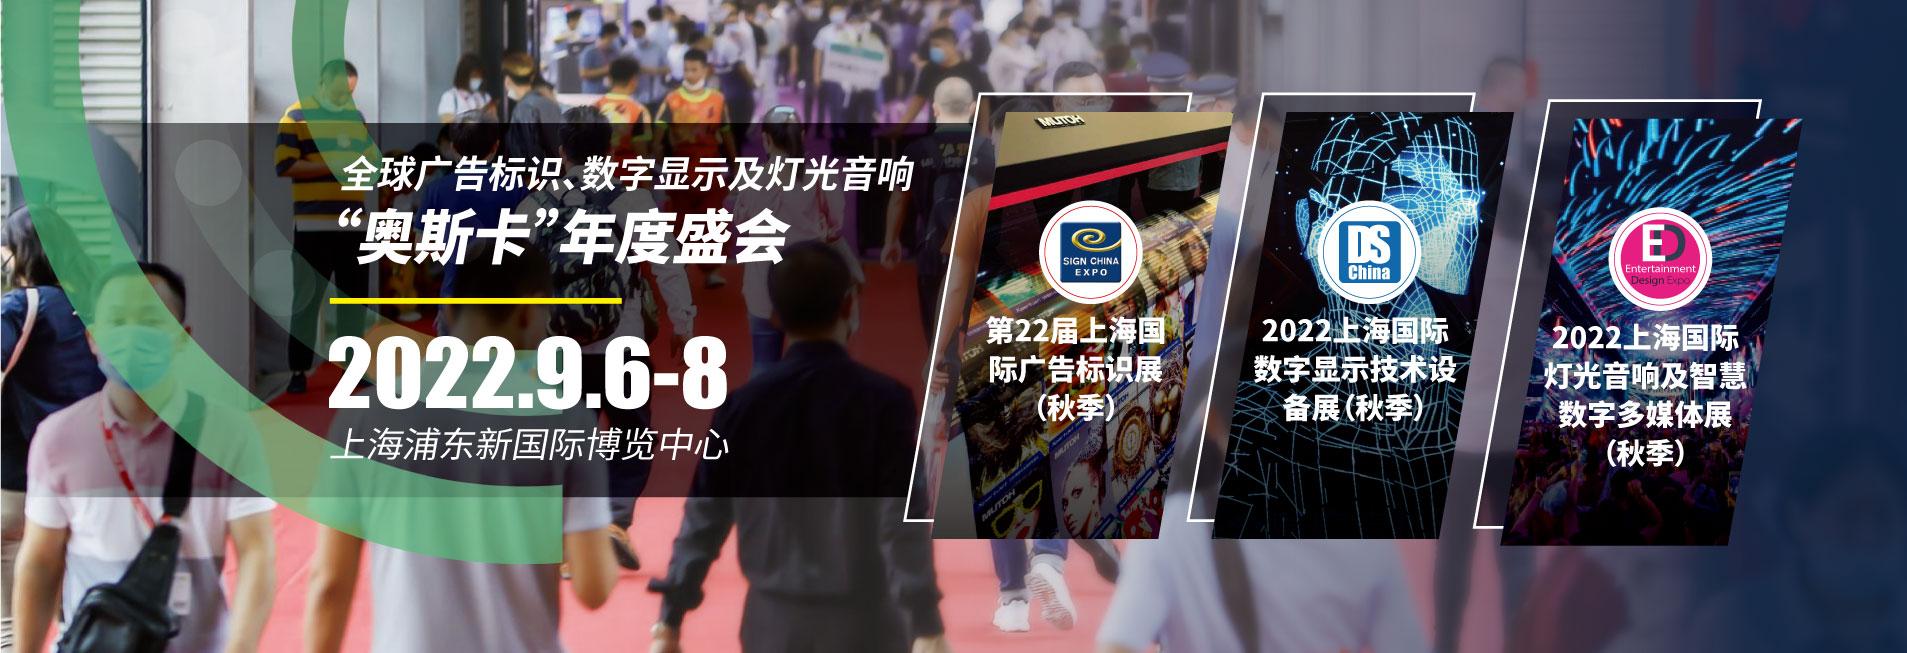 上海展(秋)banner